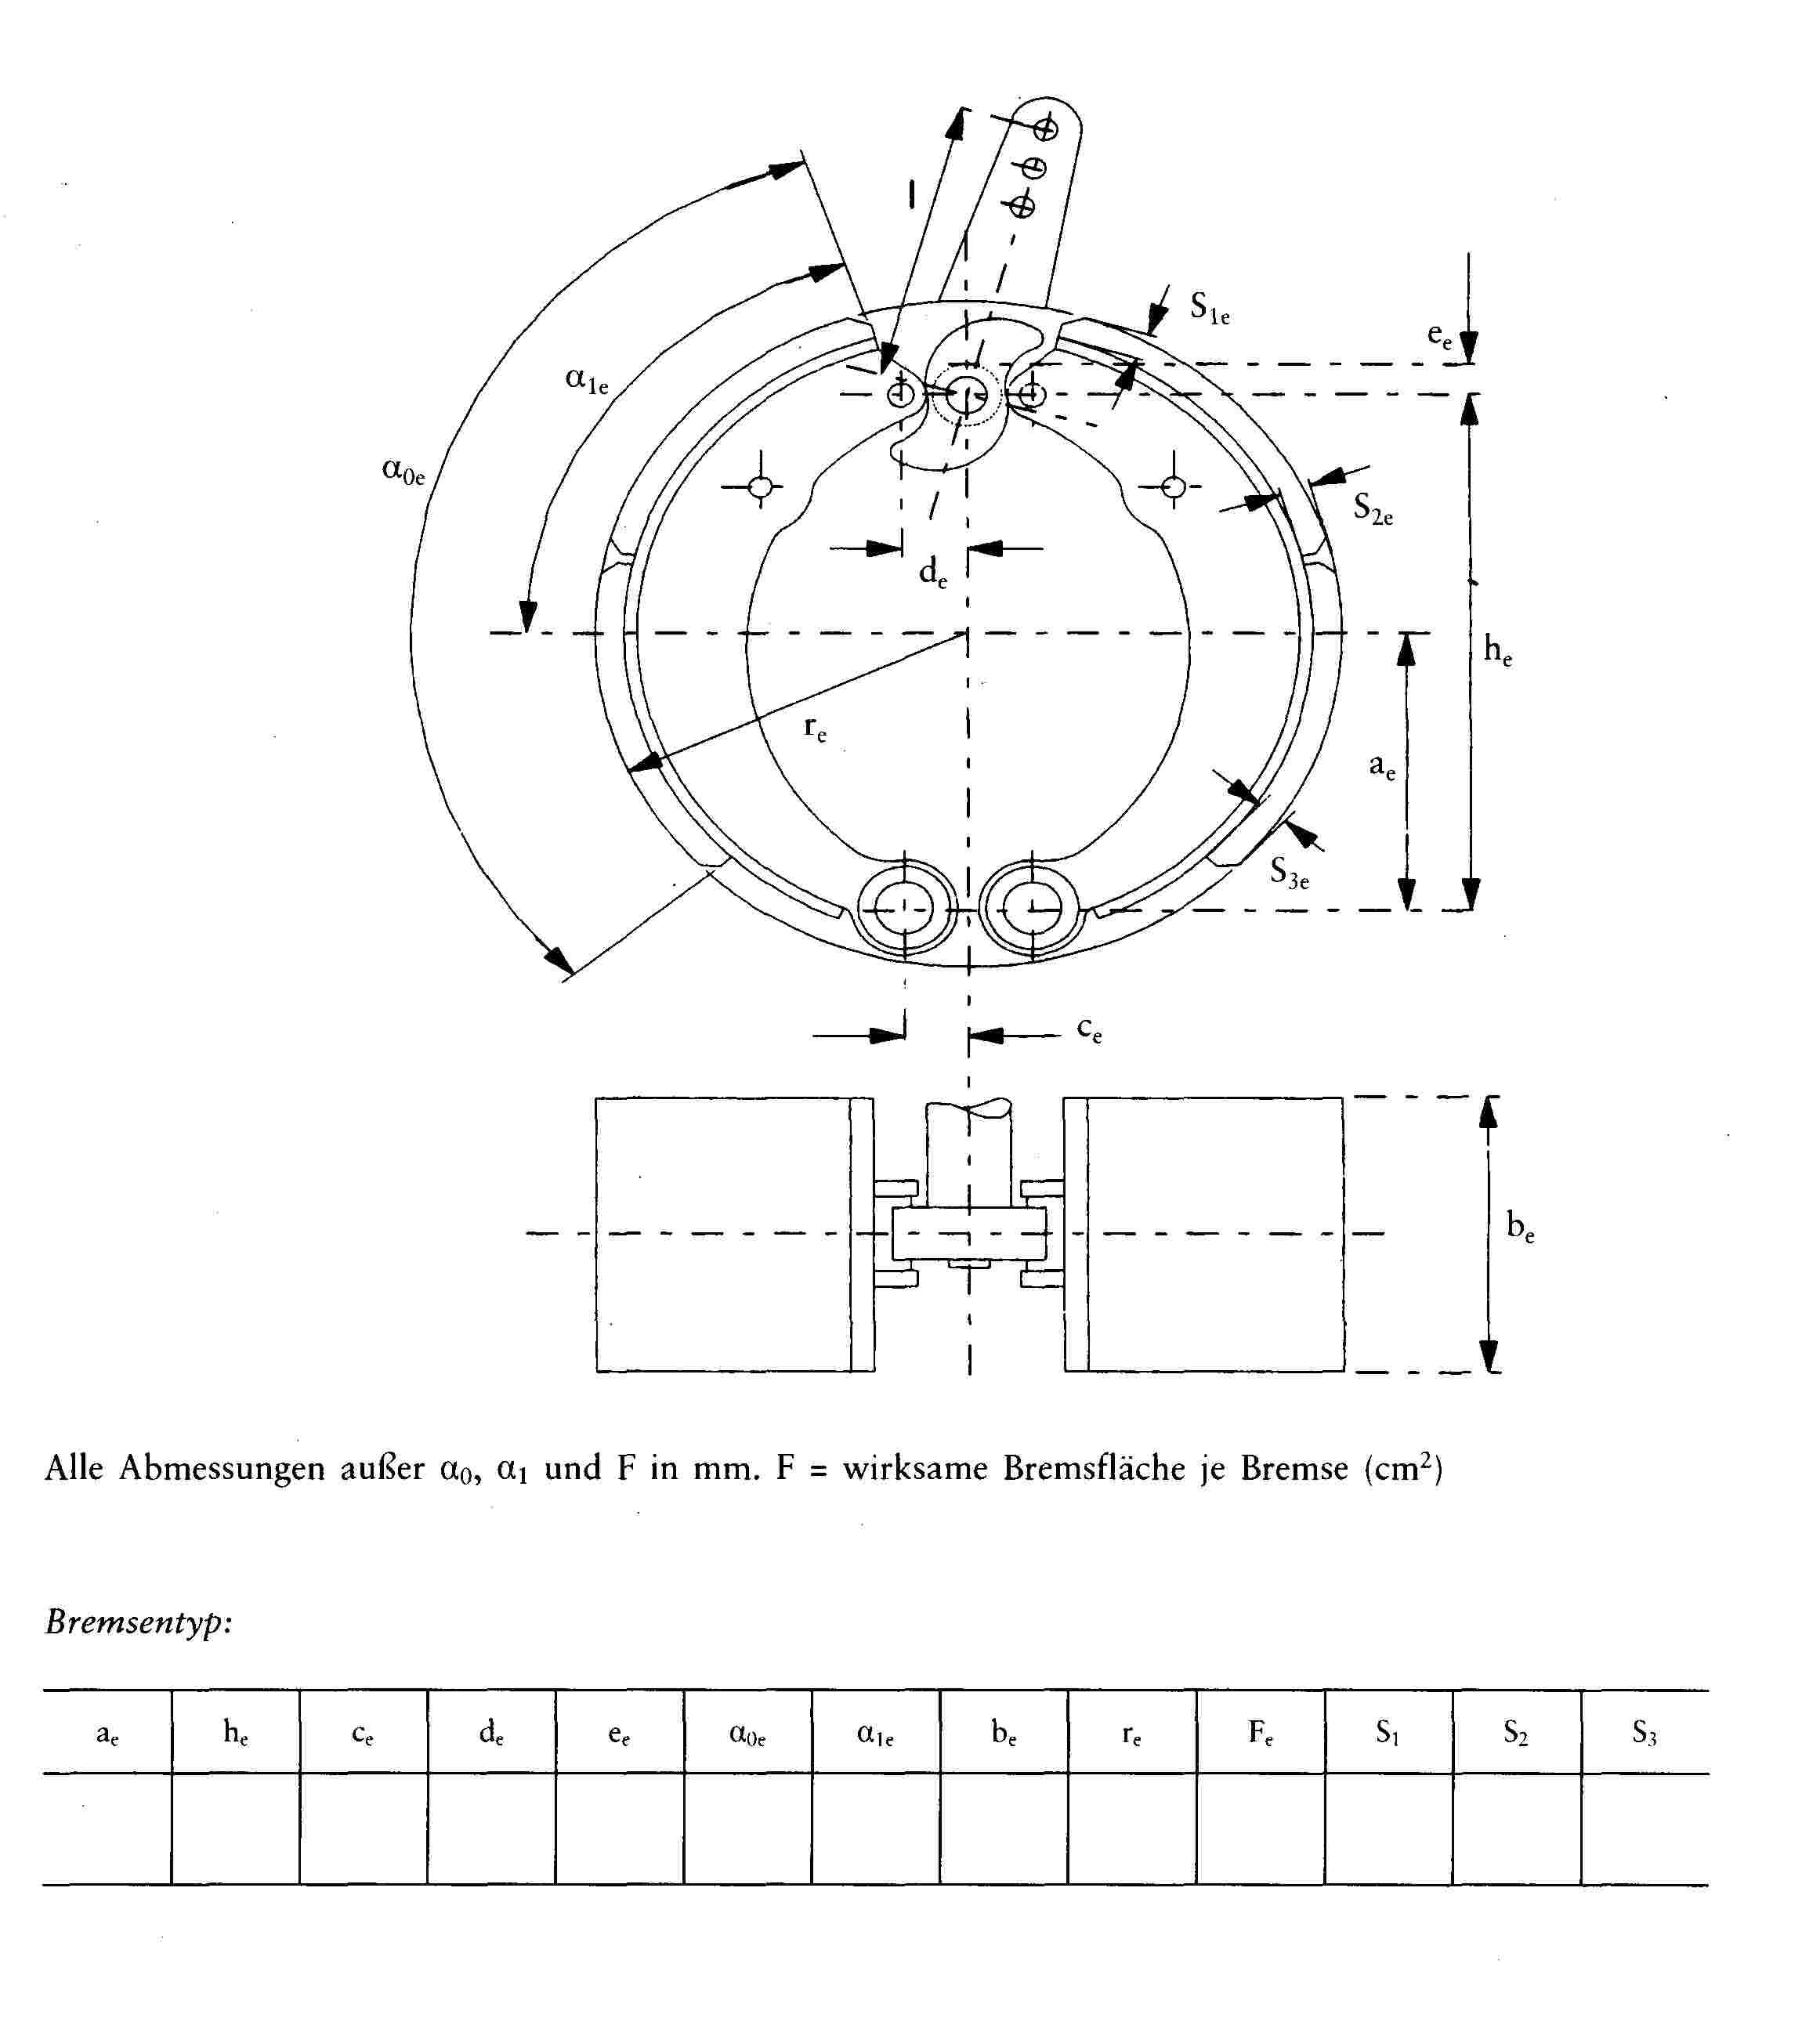 Erfreut Drahtdiagramm Schöpfer Bilder - Der Schaltplan - triangre.info